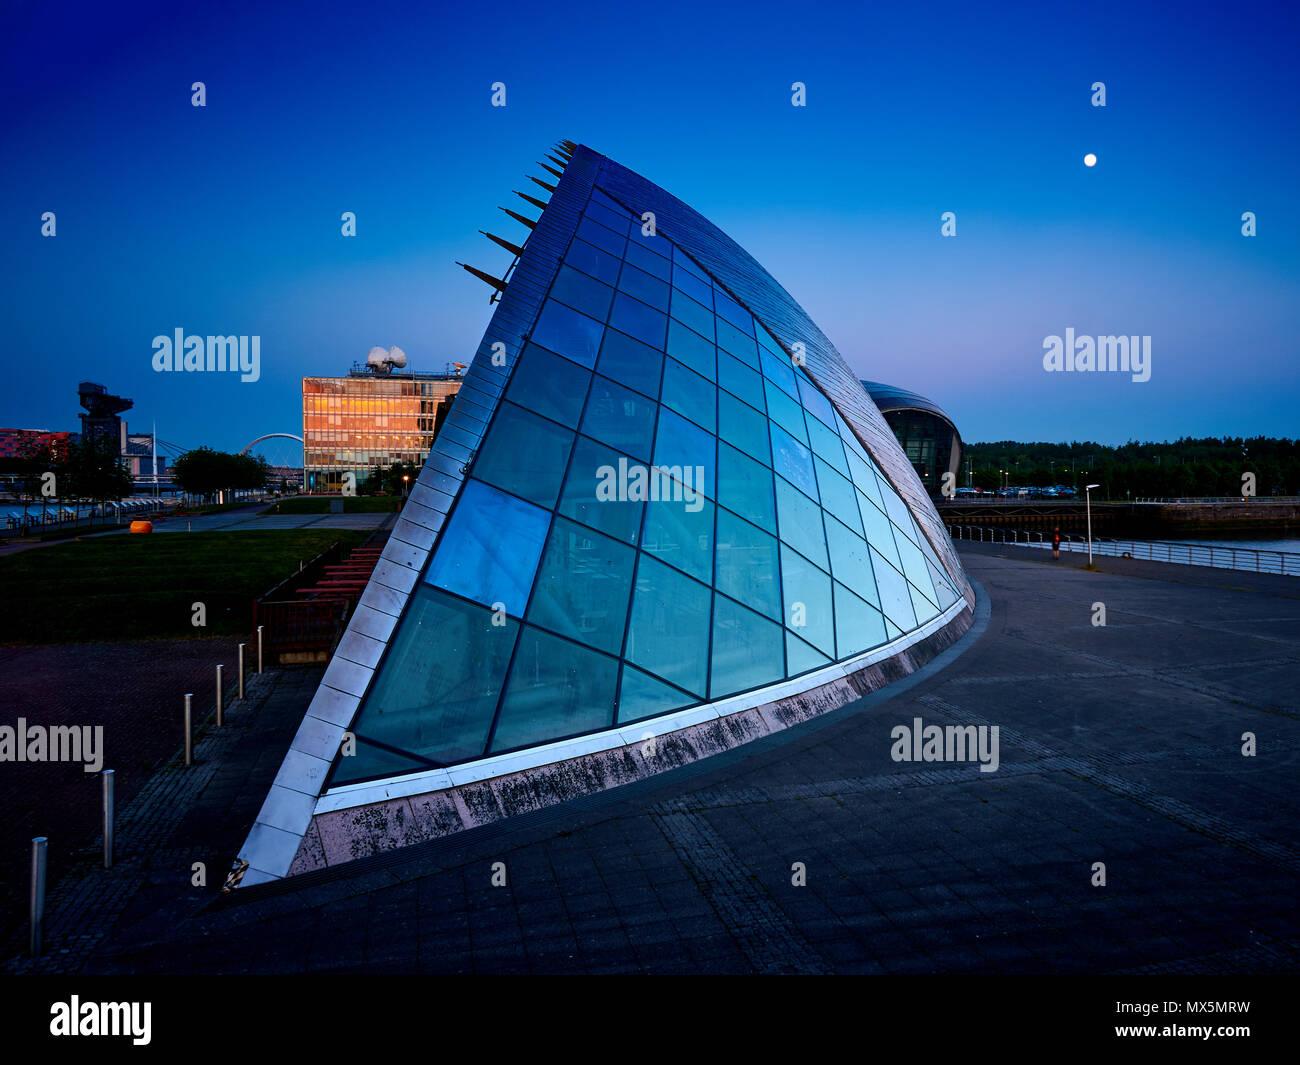 Centre des sciences de Glasgow à l'heure bleue, avec la lune sur le ciel, coucher de soleil, Glasgow, Ecosse Banque D'Images